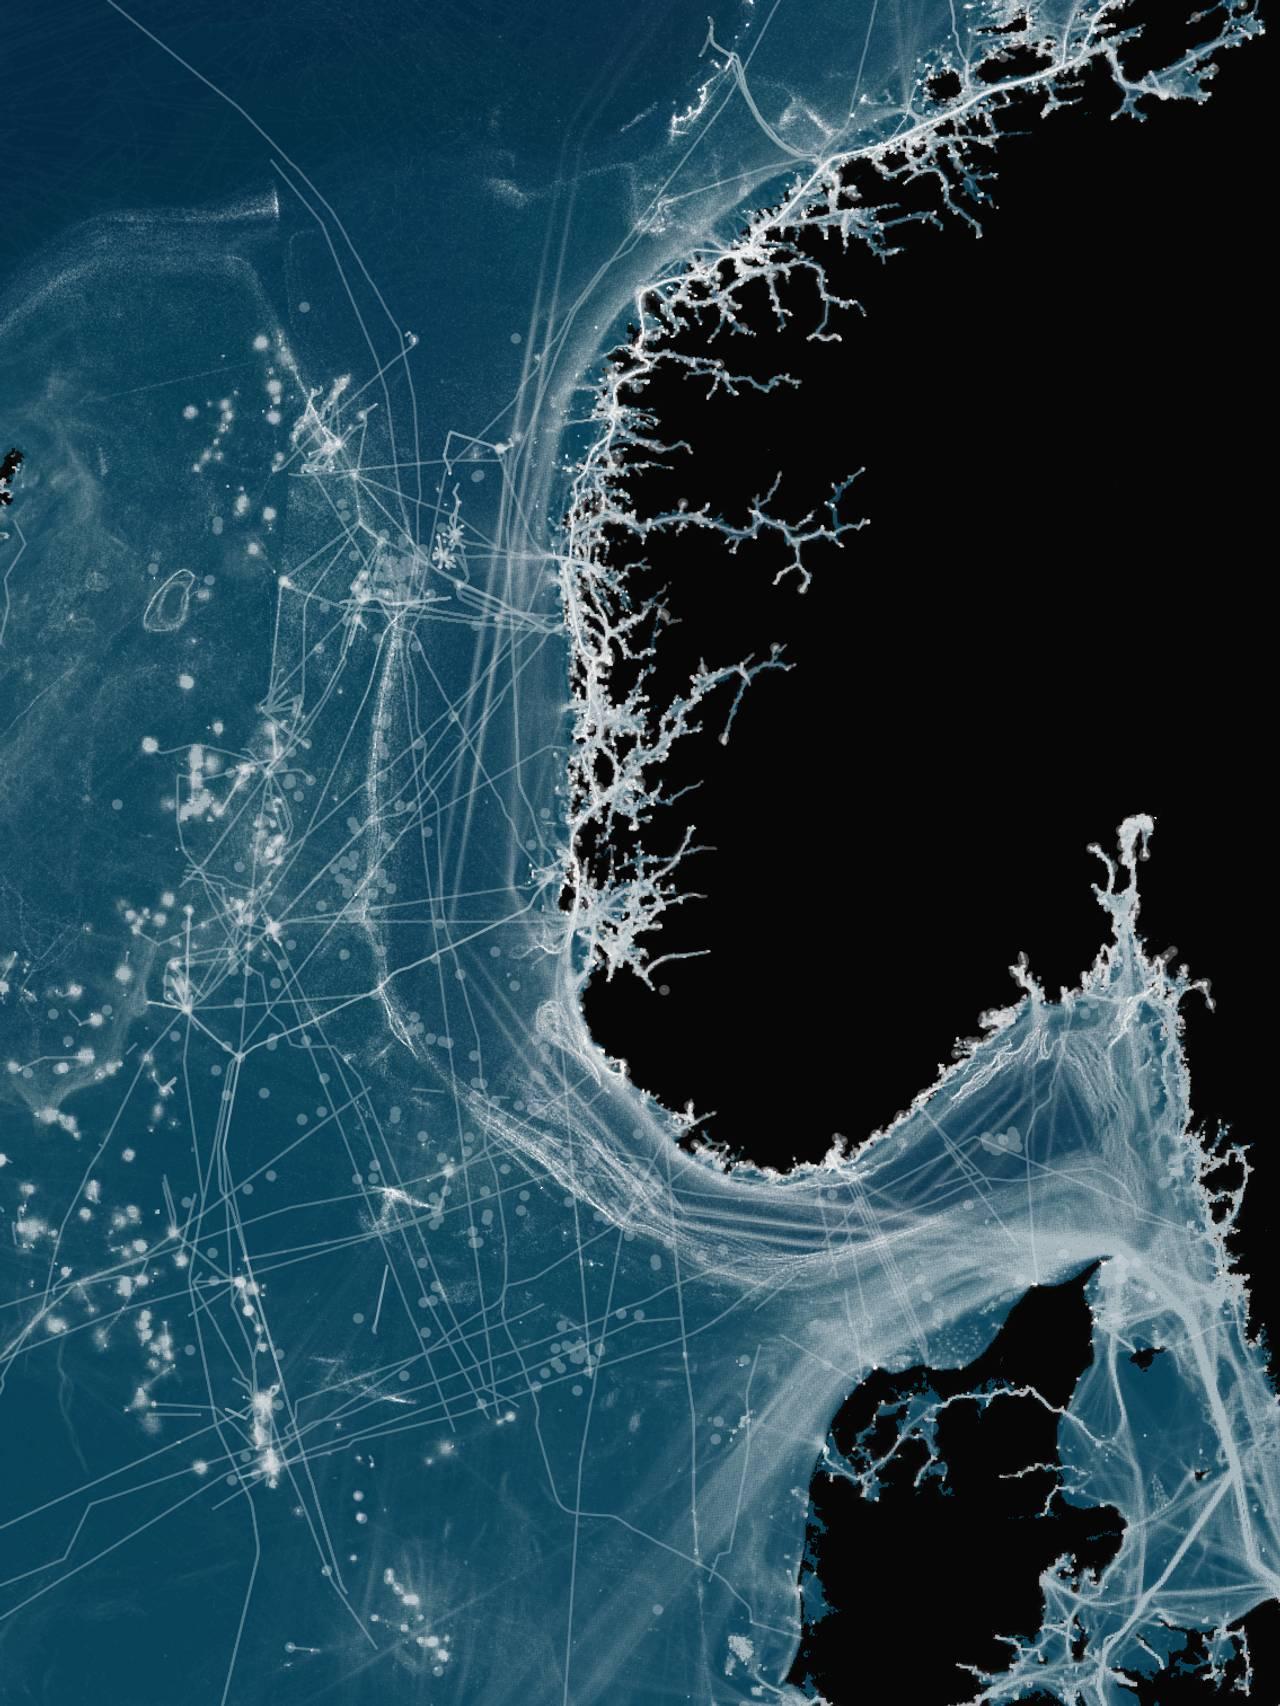 Kartet viser en oversikt over menneskelig aktivitet i Nordsjøen.